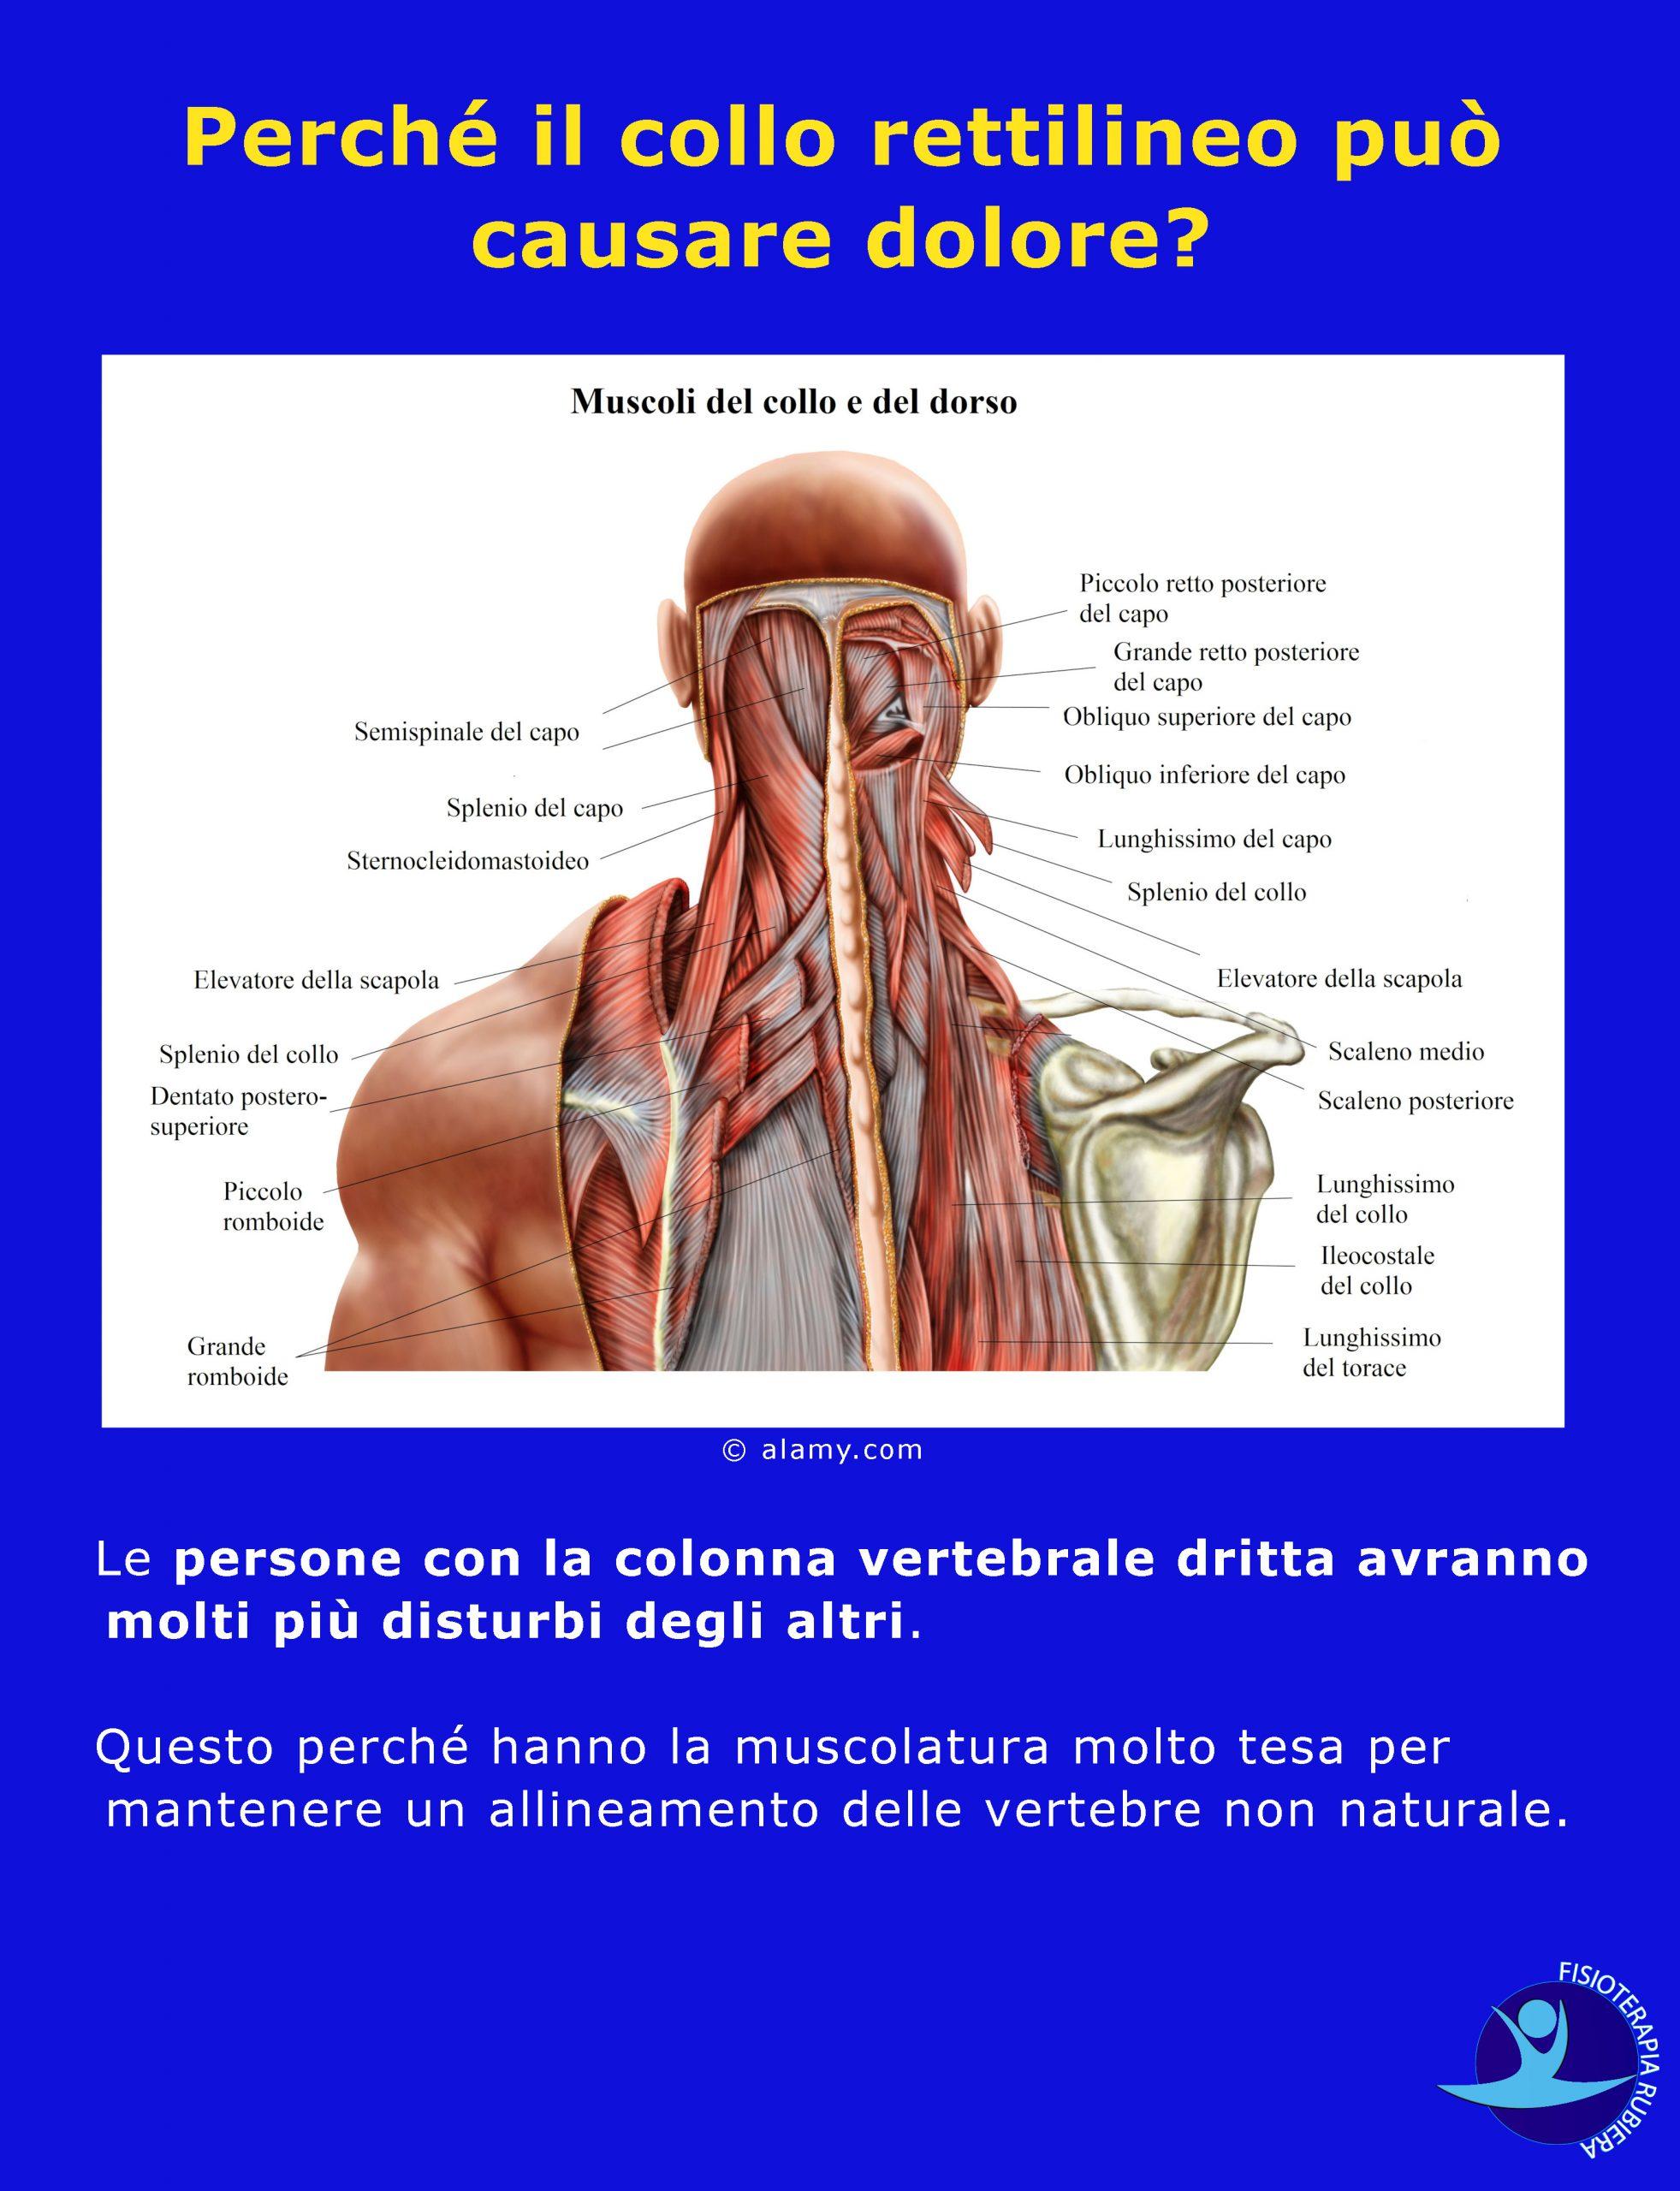 Perché il collo rettilineo può causare dolore